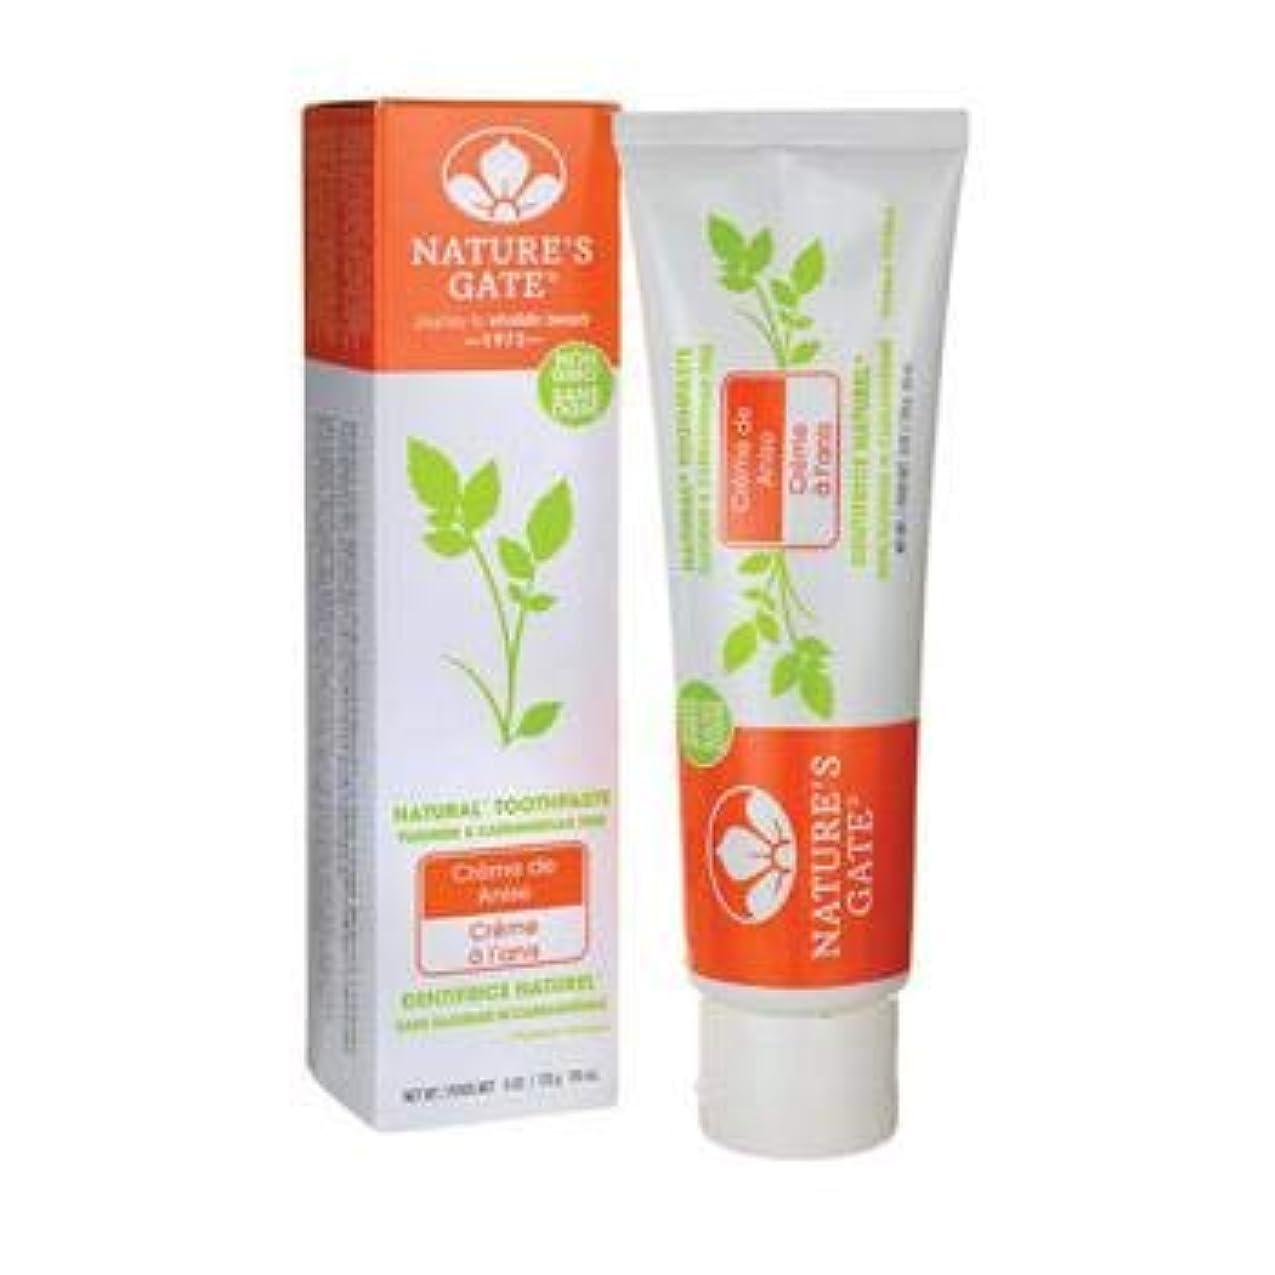 単語毎月注ぎます海外直送品Toothpaste Creme De, Anise 6 Oz by Nature's Gate